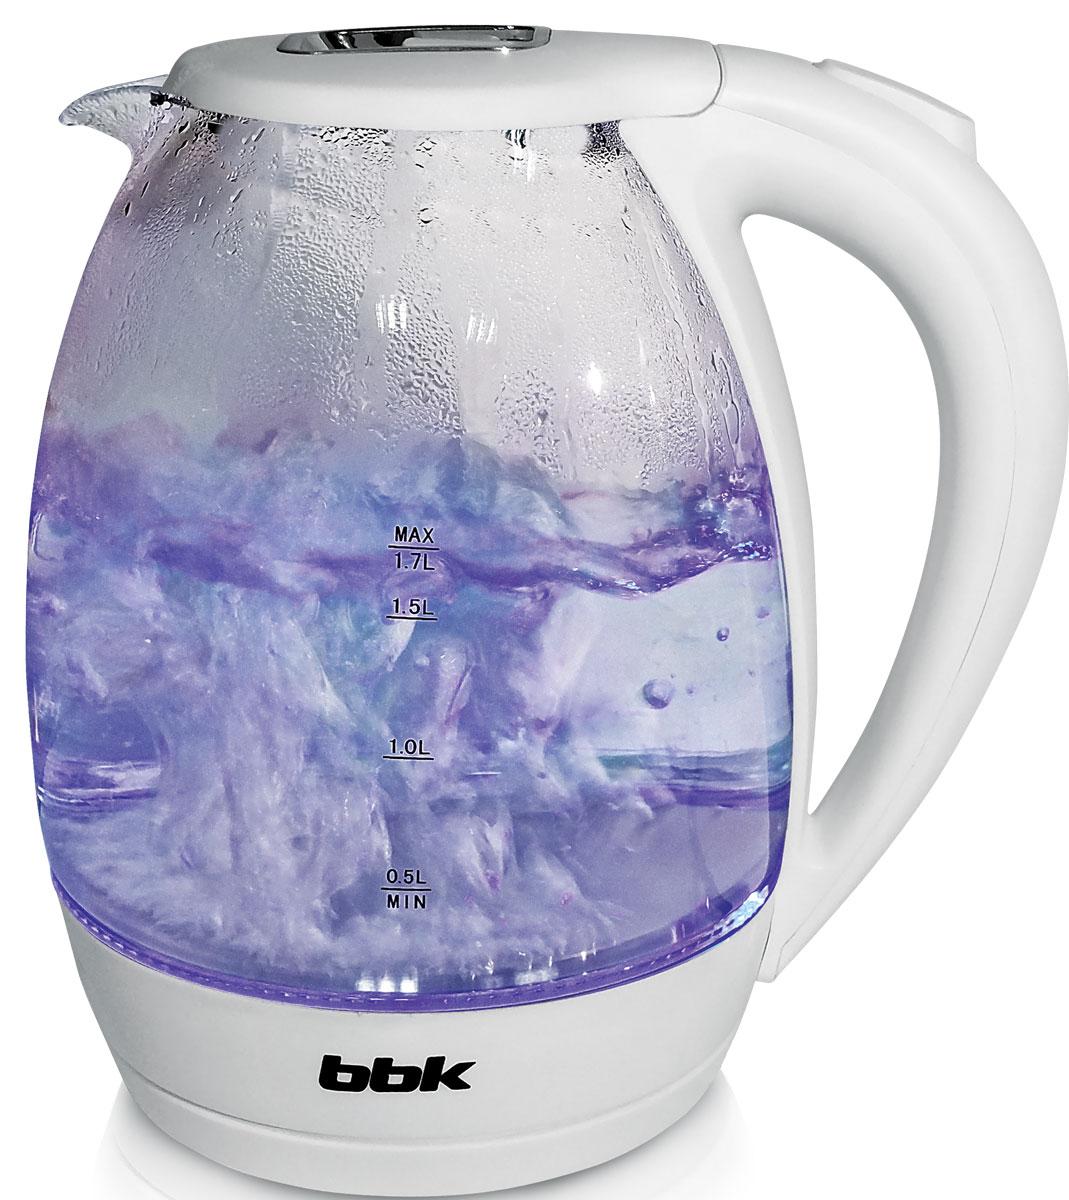 BBK EK1720G, White электрический чайникEK1720G белыйЭлектрический чайник BBK EK1720G с колбой из жаропрочного экологически чистого стекла, мощностью 2200 Вт и емкостью 1,7 литра - это не просто стильный, но и многофункциональный прибор для вашей кухни. Благодаря английскому контроллеру, установленному в приборе, чайник прослужит в 5 раз дольше обычного, обеспечивая до 15000 закипаний. Модель оснащена многоуровневой защитой: автоматическое отключение при закипании, отключение при недостаточном количестве воды и отключение при снятии чайника с базы. Прибор установлен на удобную подставку с возможностью поворота на 360 градусов и с отделением для хранения шнура. Помимо этого отличительной особенностью является удобный носик для наливания и шкала уровня воды. Съемный фильтр от накипи и скрытый нагревательный элемент гарантированно обеспечат надежность, долговечность и максимально комфортное ежедневное использование.